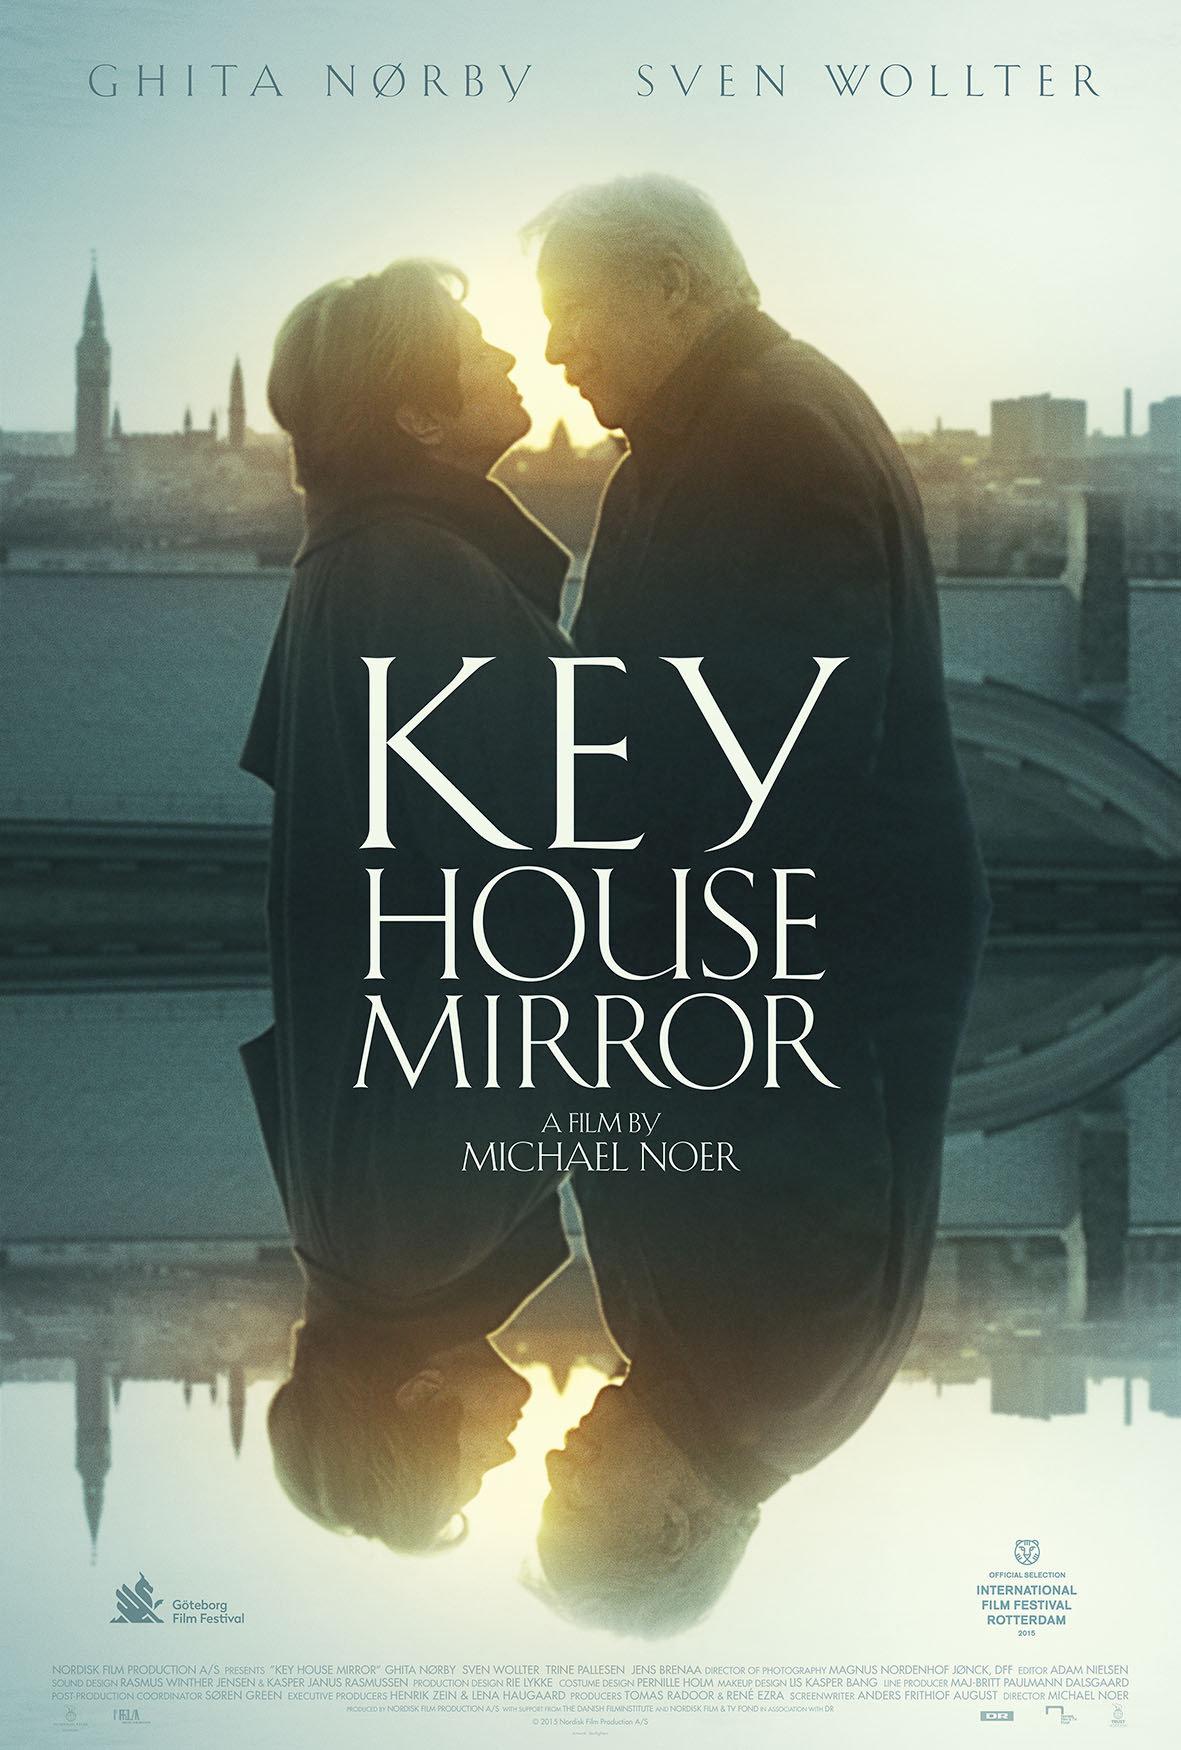 nøgle hus spejl Nøgle hus spejl (2015) | Filmnørdens Hjørne nøgle hus spejl